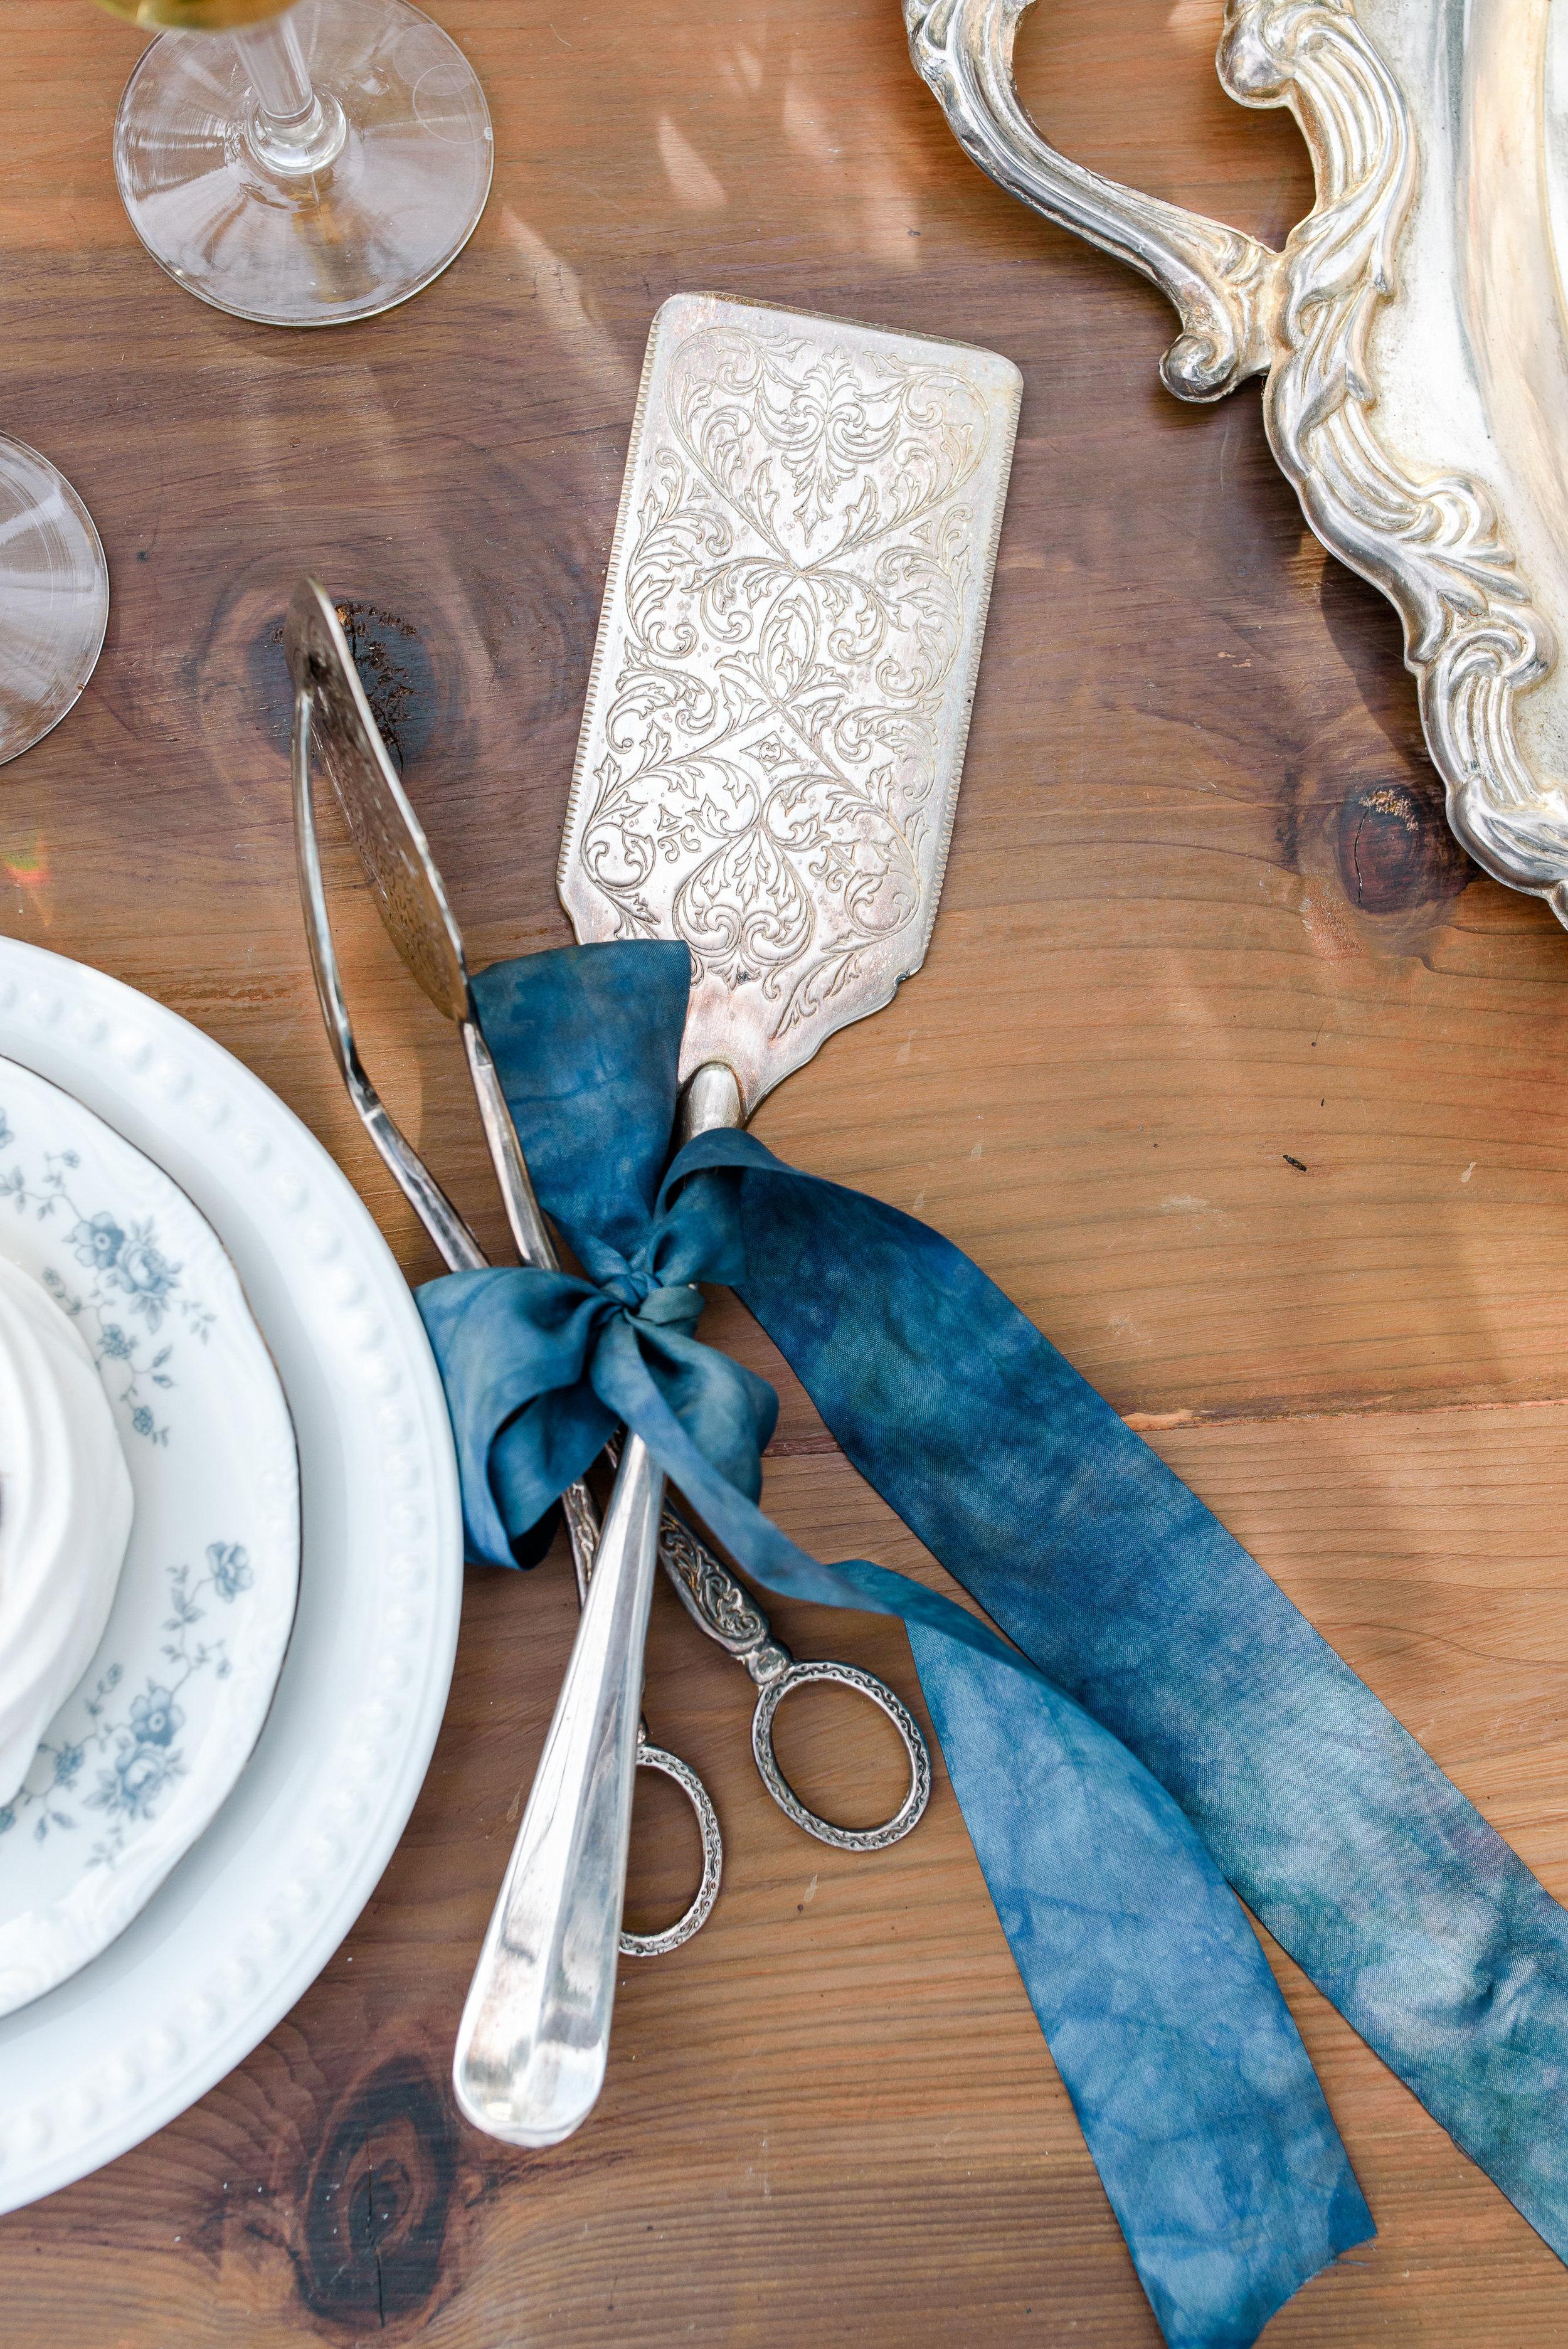 Wedding Cake Display | Wedding Cake Cutting Utensils | Blue Silk Ribbon